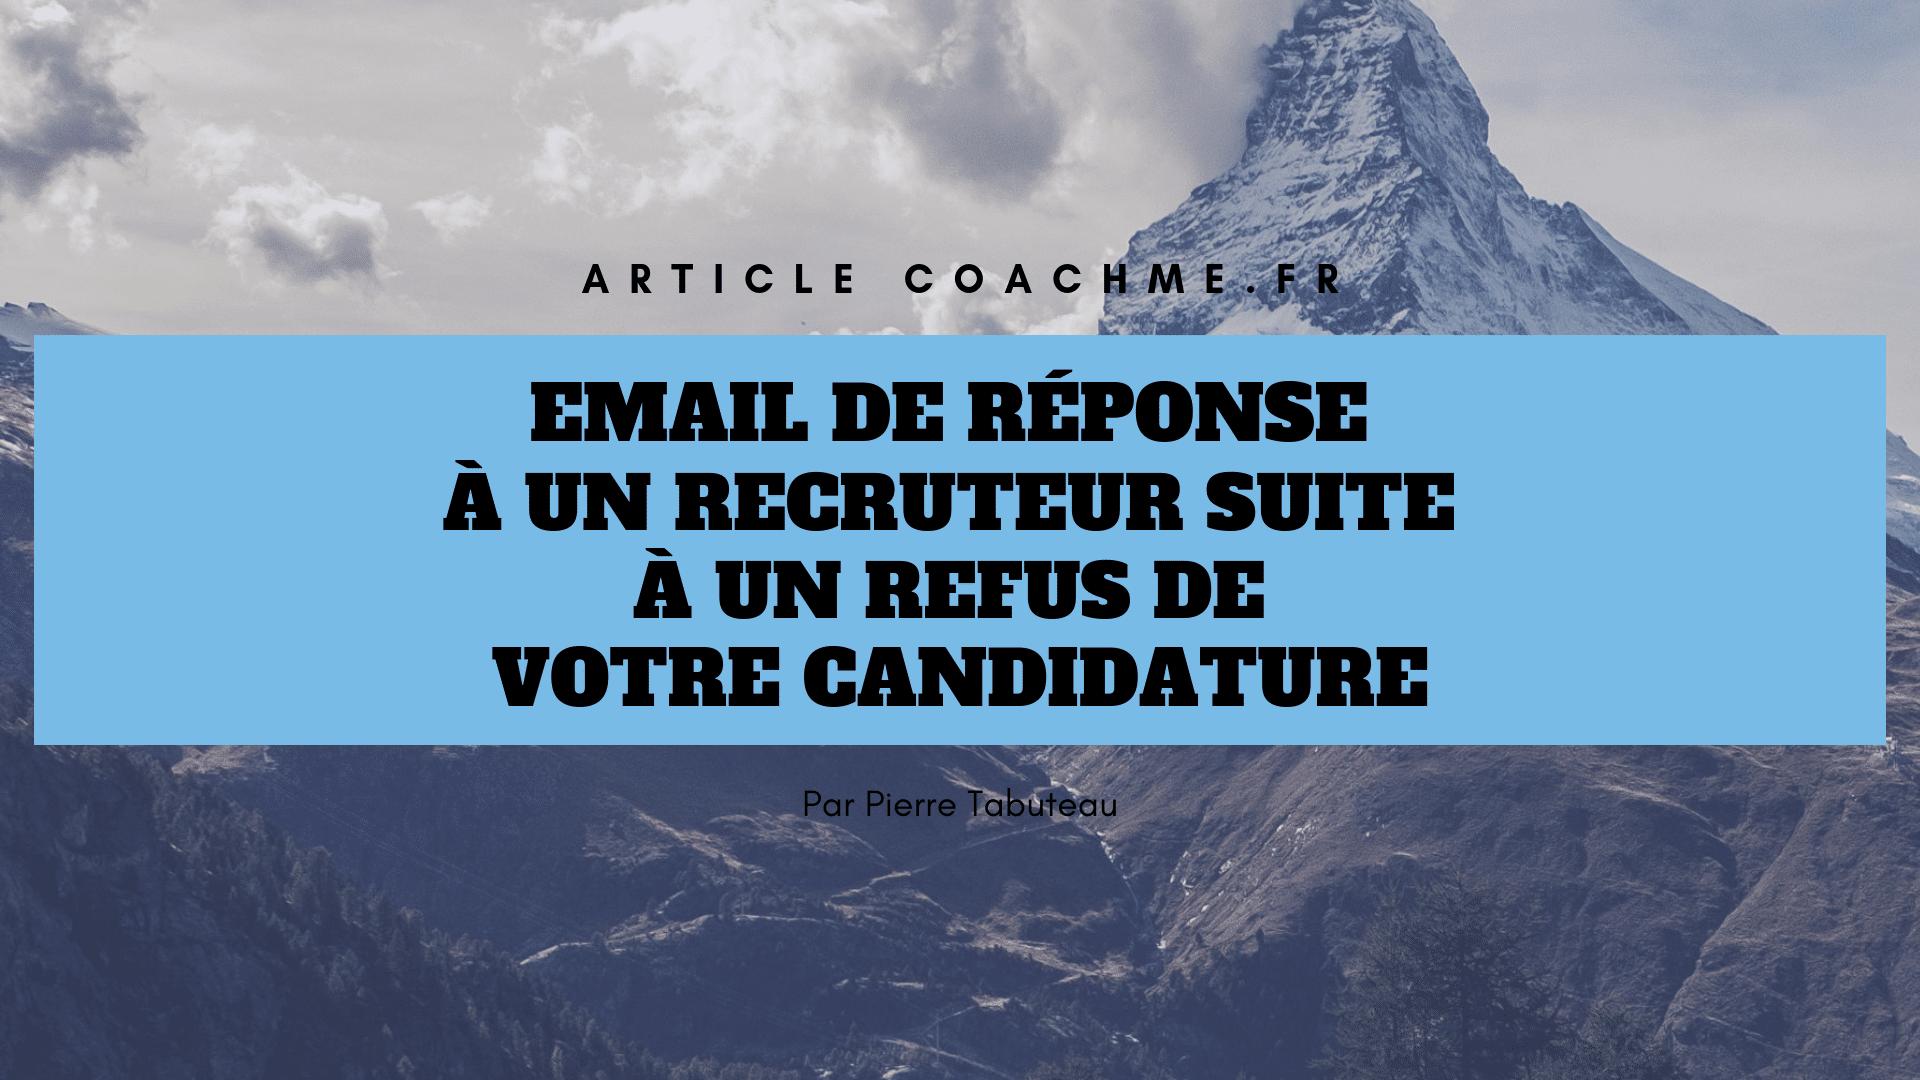 Email De Reponse A Un Recruteur Suite A Un Refus De Votre Candidature